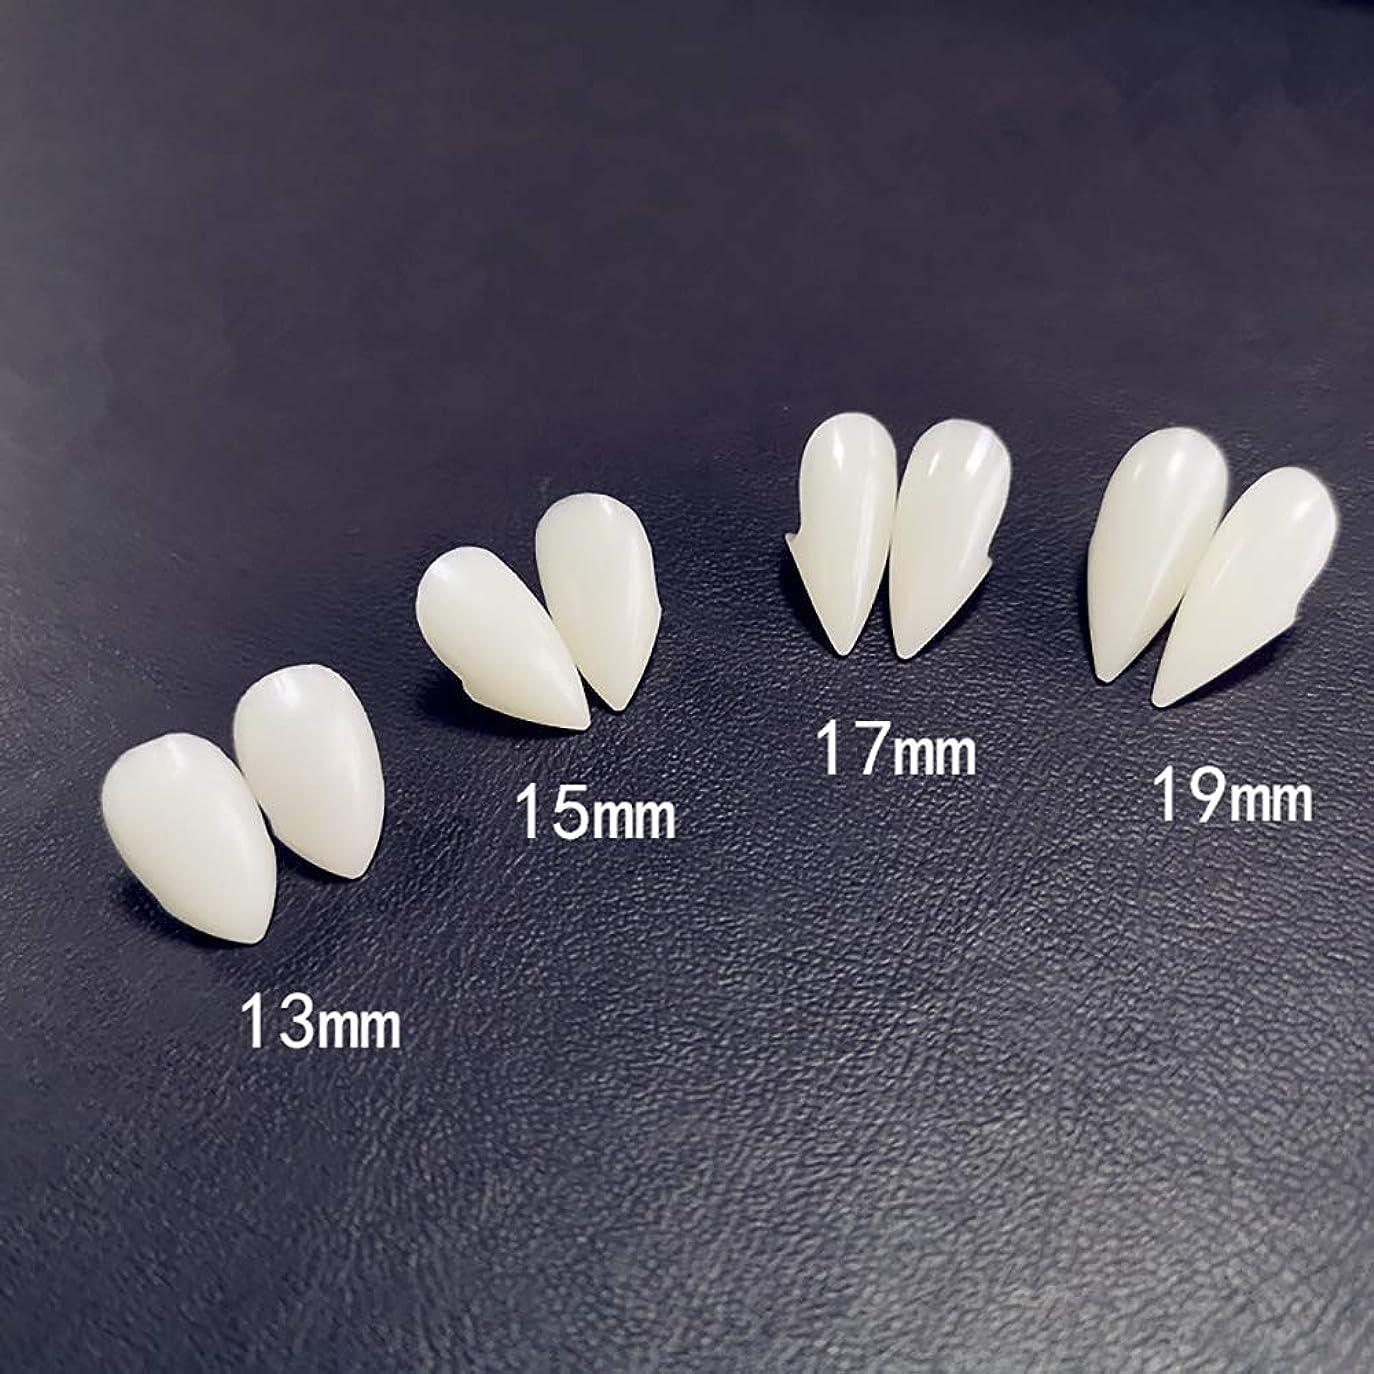 インサートエキサイティングイースター6ペア牙キット歯の入れ歯歯の牙入れ歯小道具ハロウィーンの衣装小道具パーティーの好意休日DIYの装飾ホラー大人のための子供,17mm